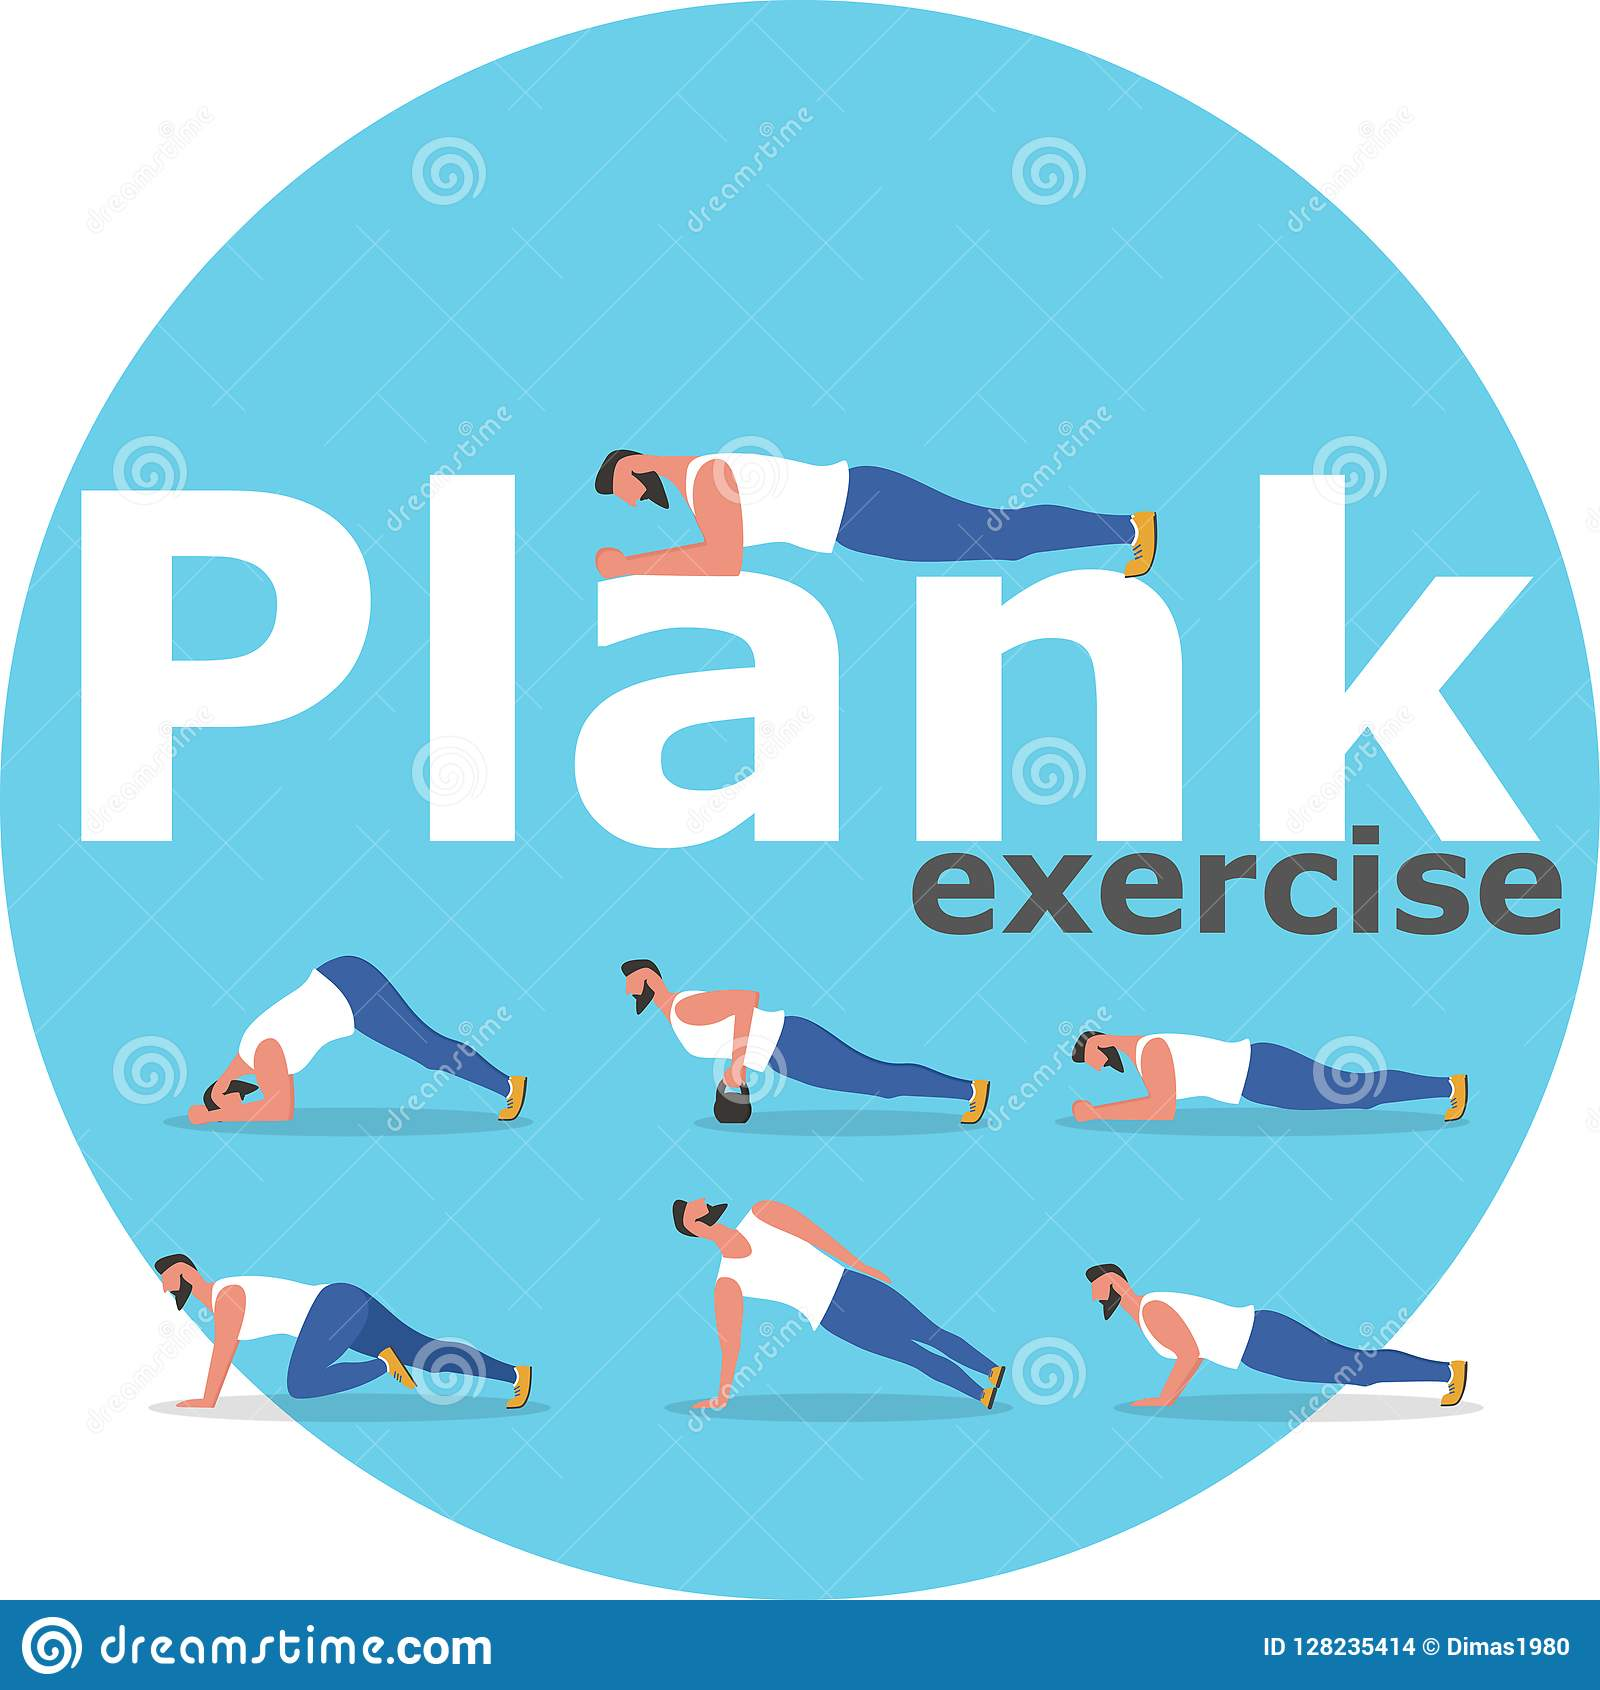 Fitness Man Doing Planking Exercise Stock Vector Illustration Of Banner Body 128235414